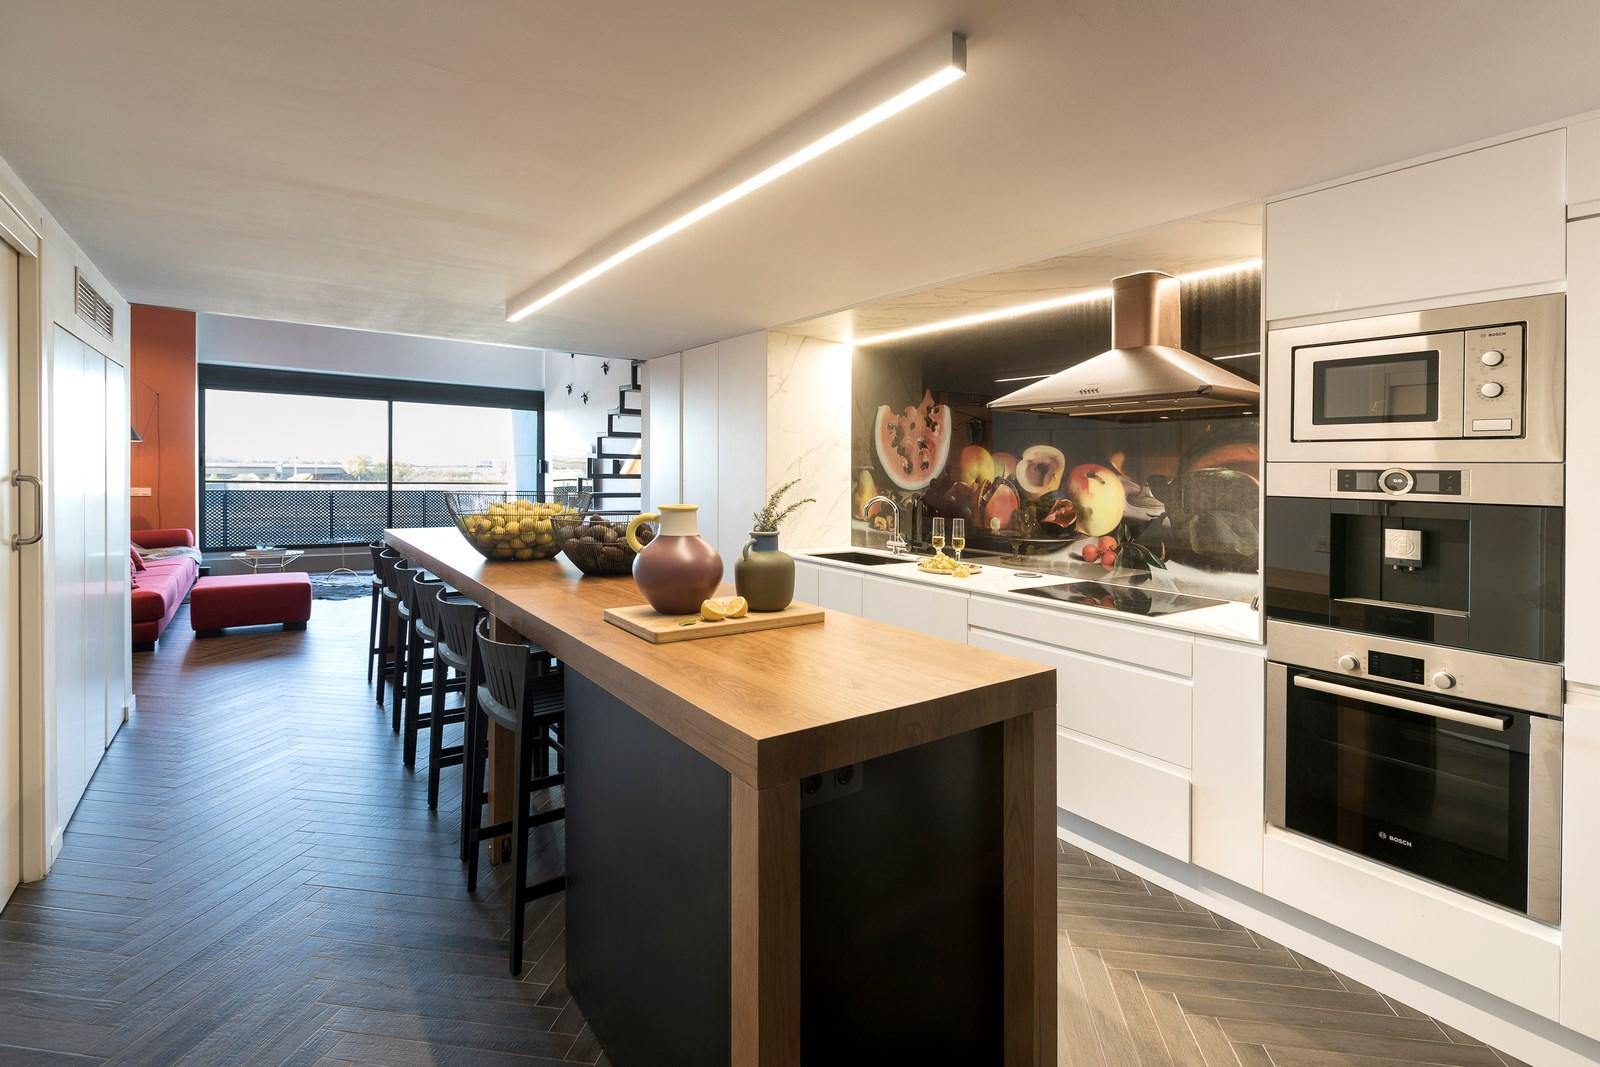 Revista estilo propio arquitectura y dise o arte y for Cocina industrial tipo loft